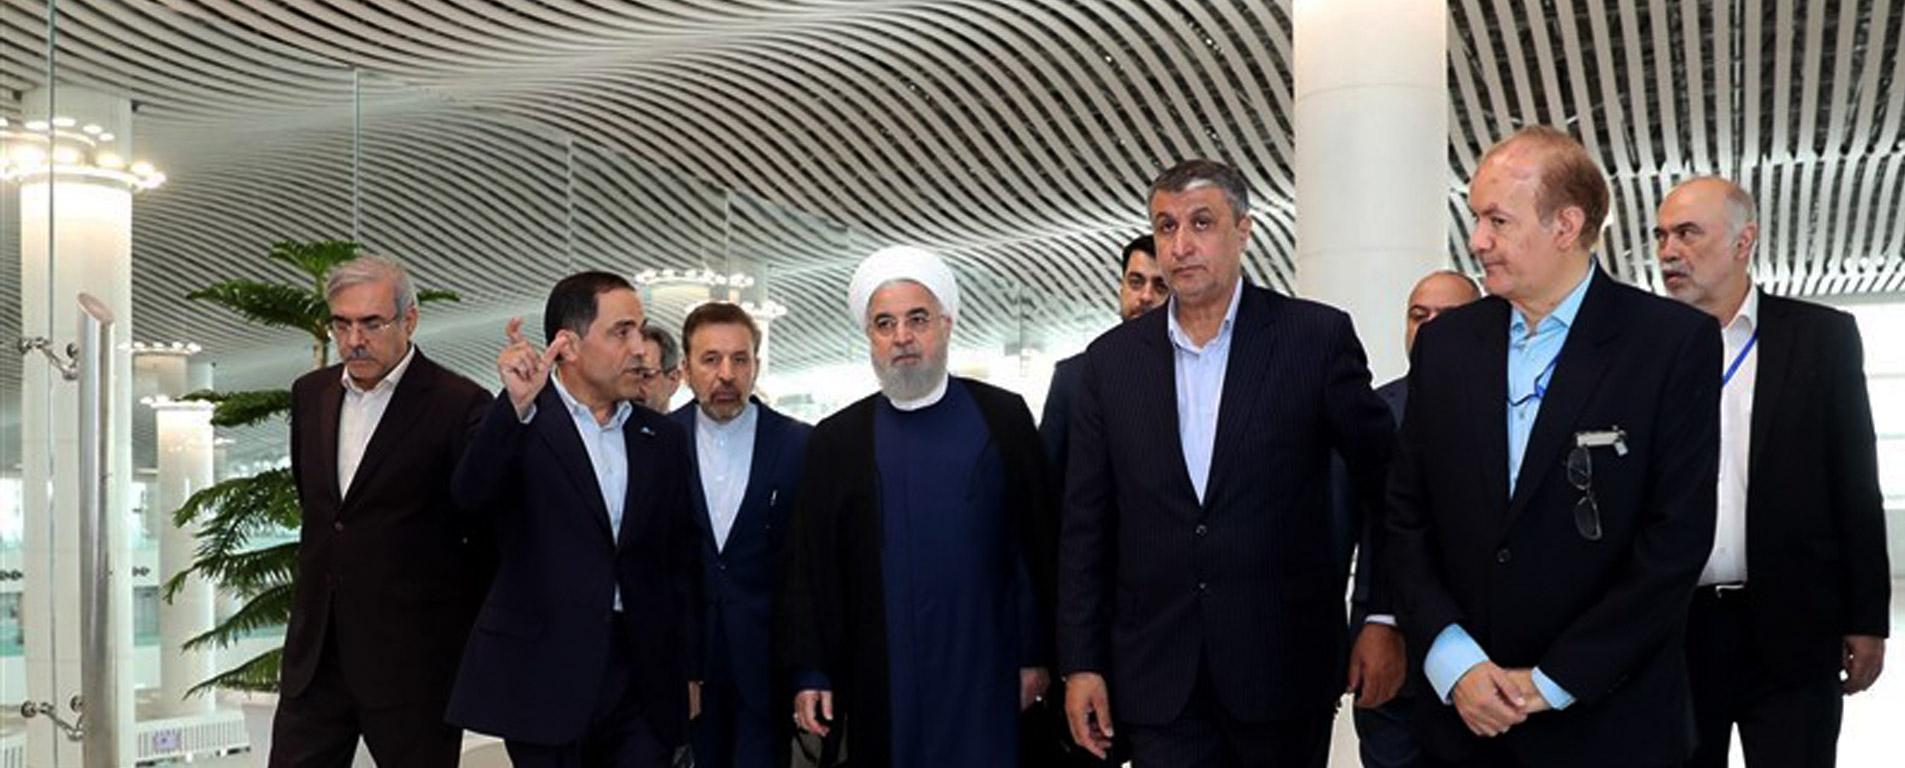 رییس جمهوری « ترمینال سلام » فرودگاه امام خمینی (ره) را افتتاح کرد